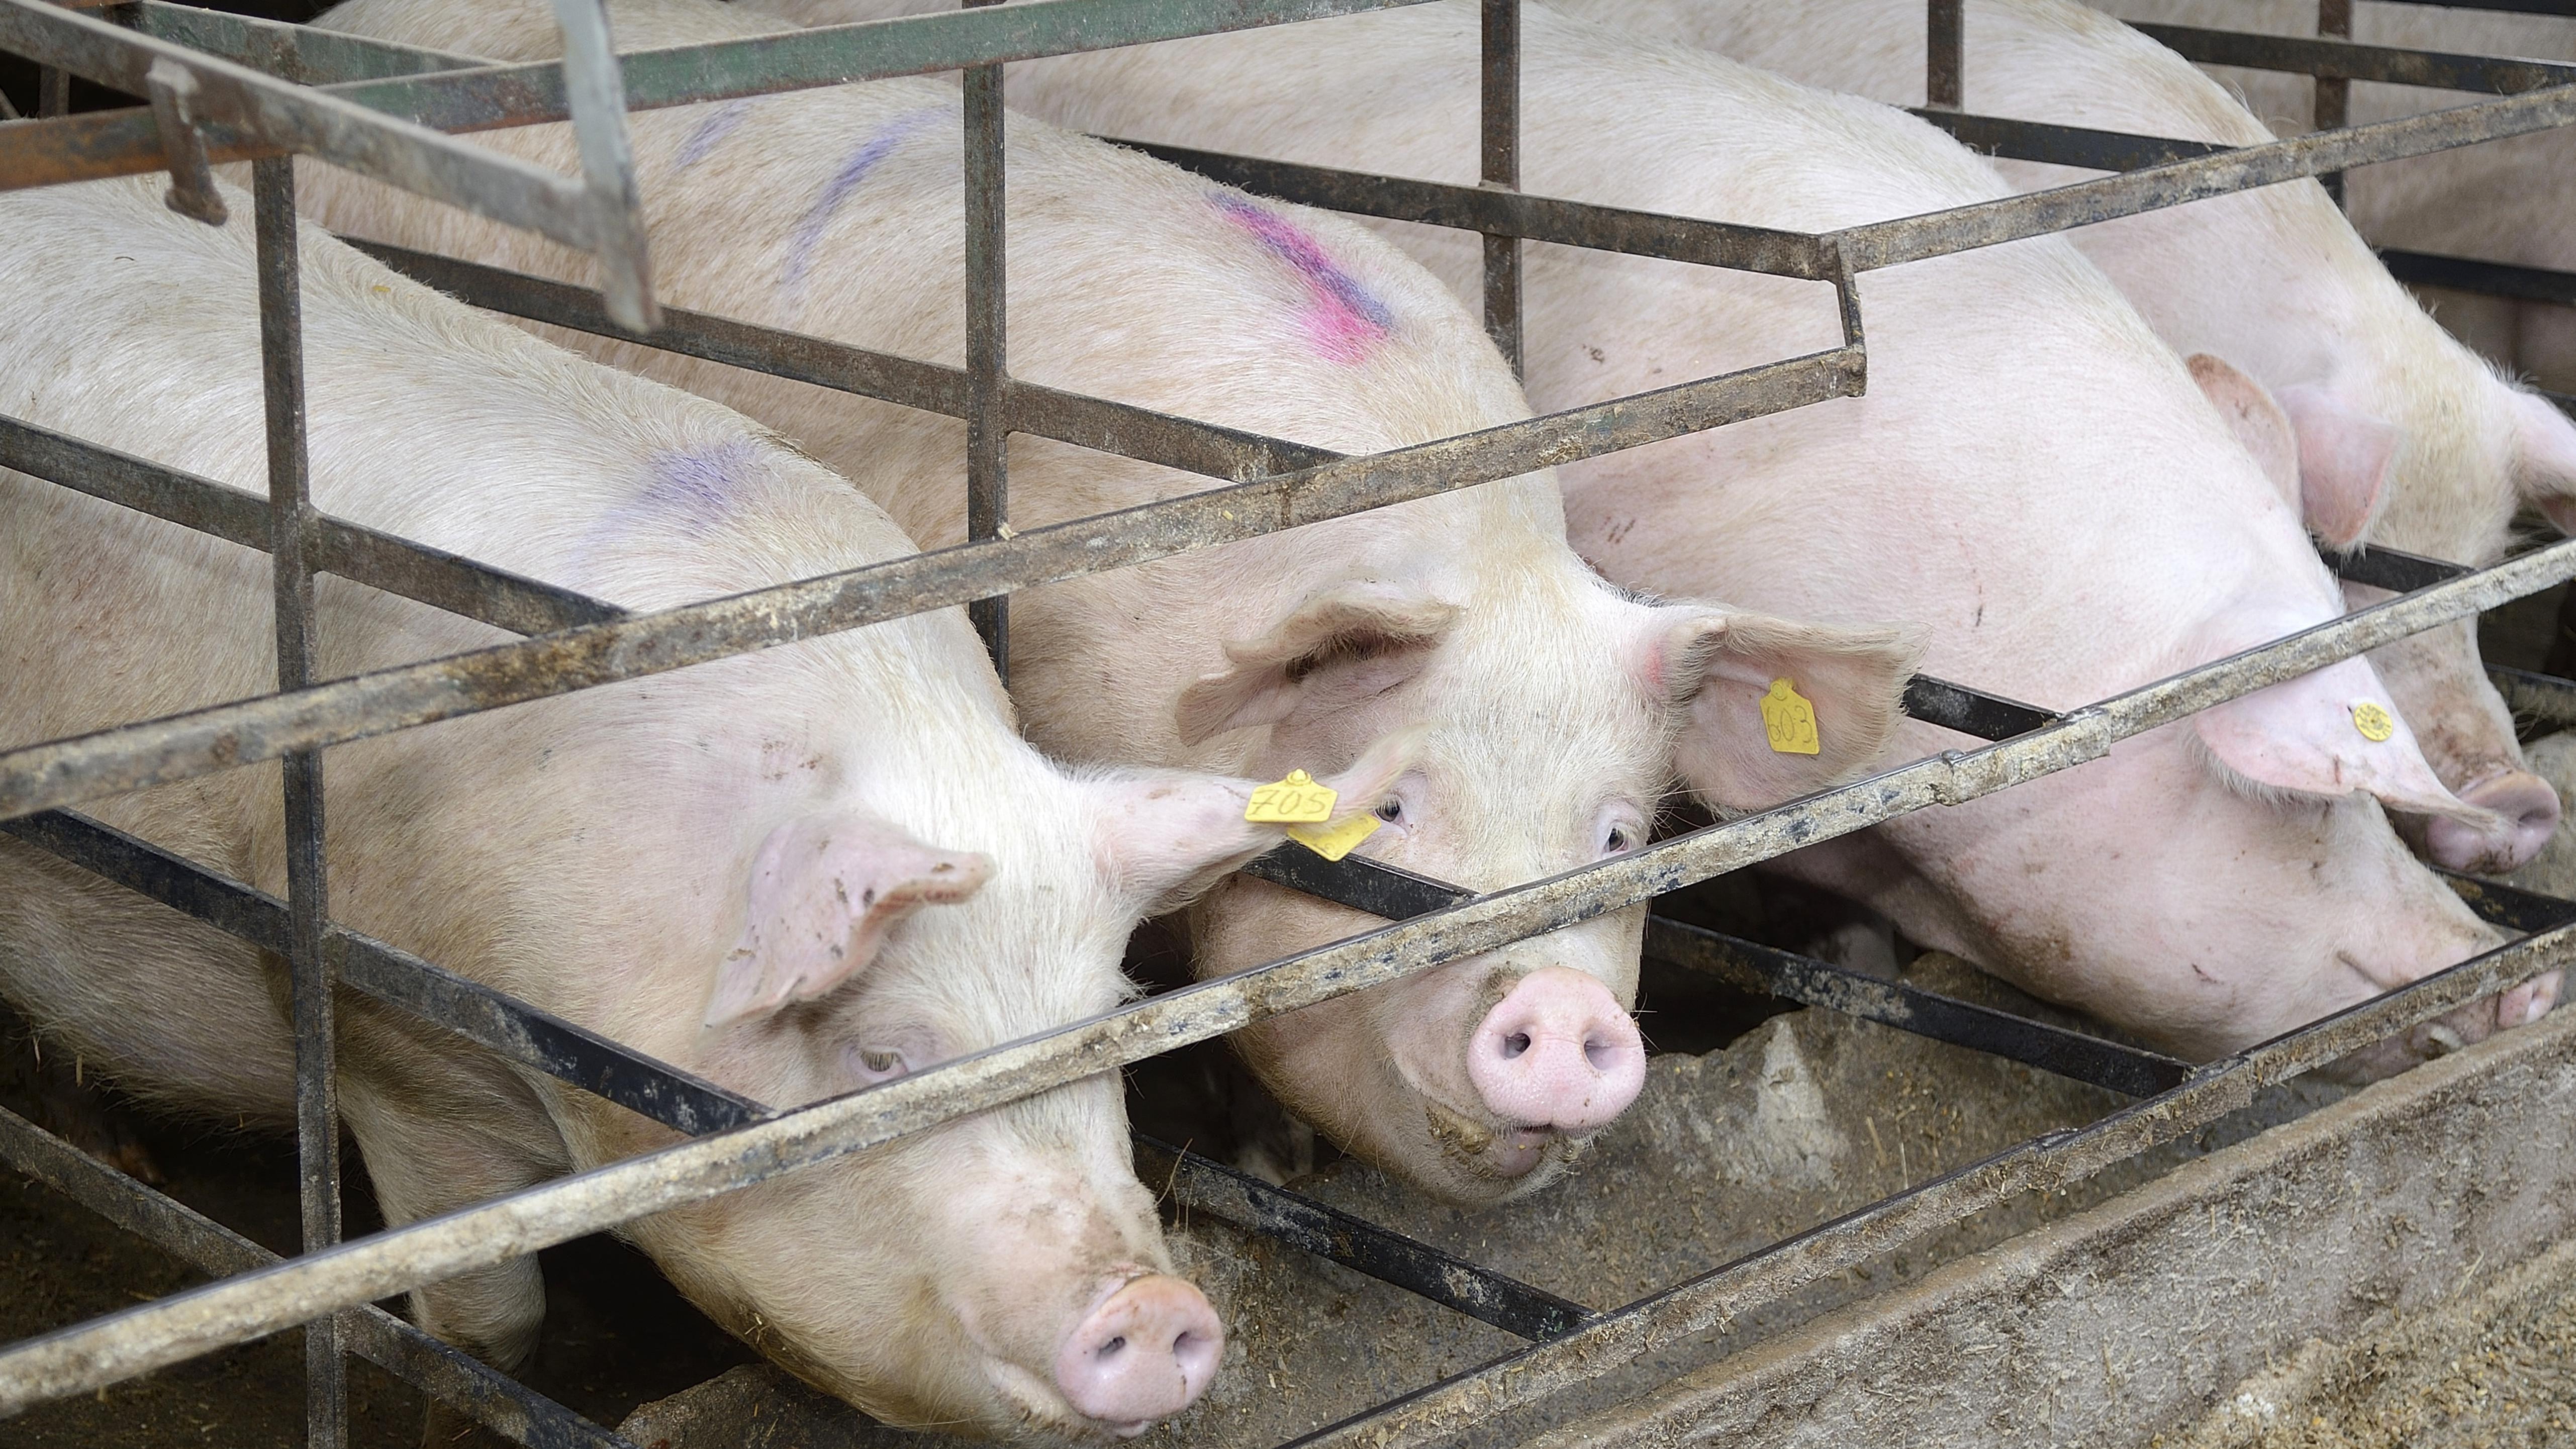 Schweine in Schweinemastanlage, Overath-Heiligenhaus, Nordrhein-Westfalen